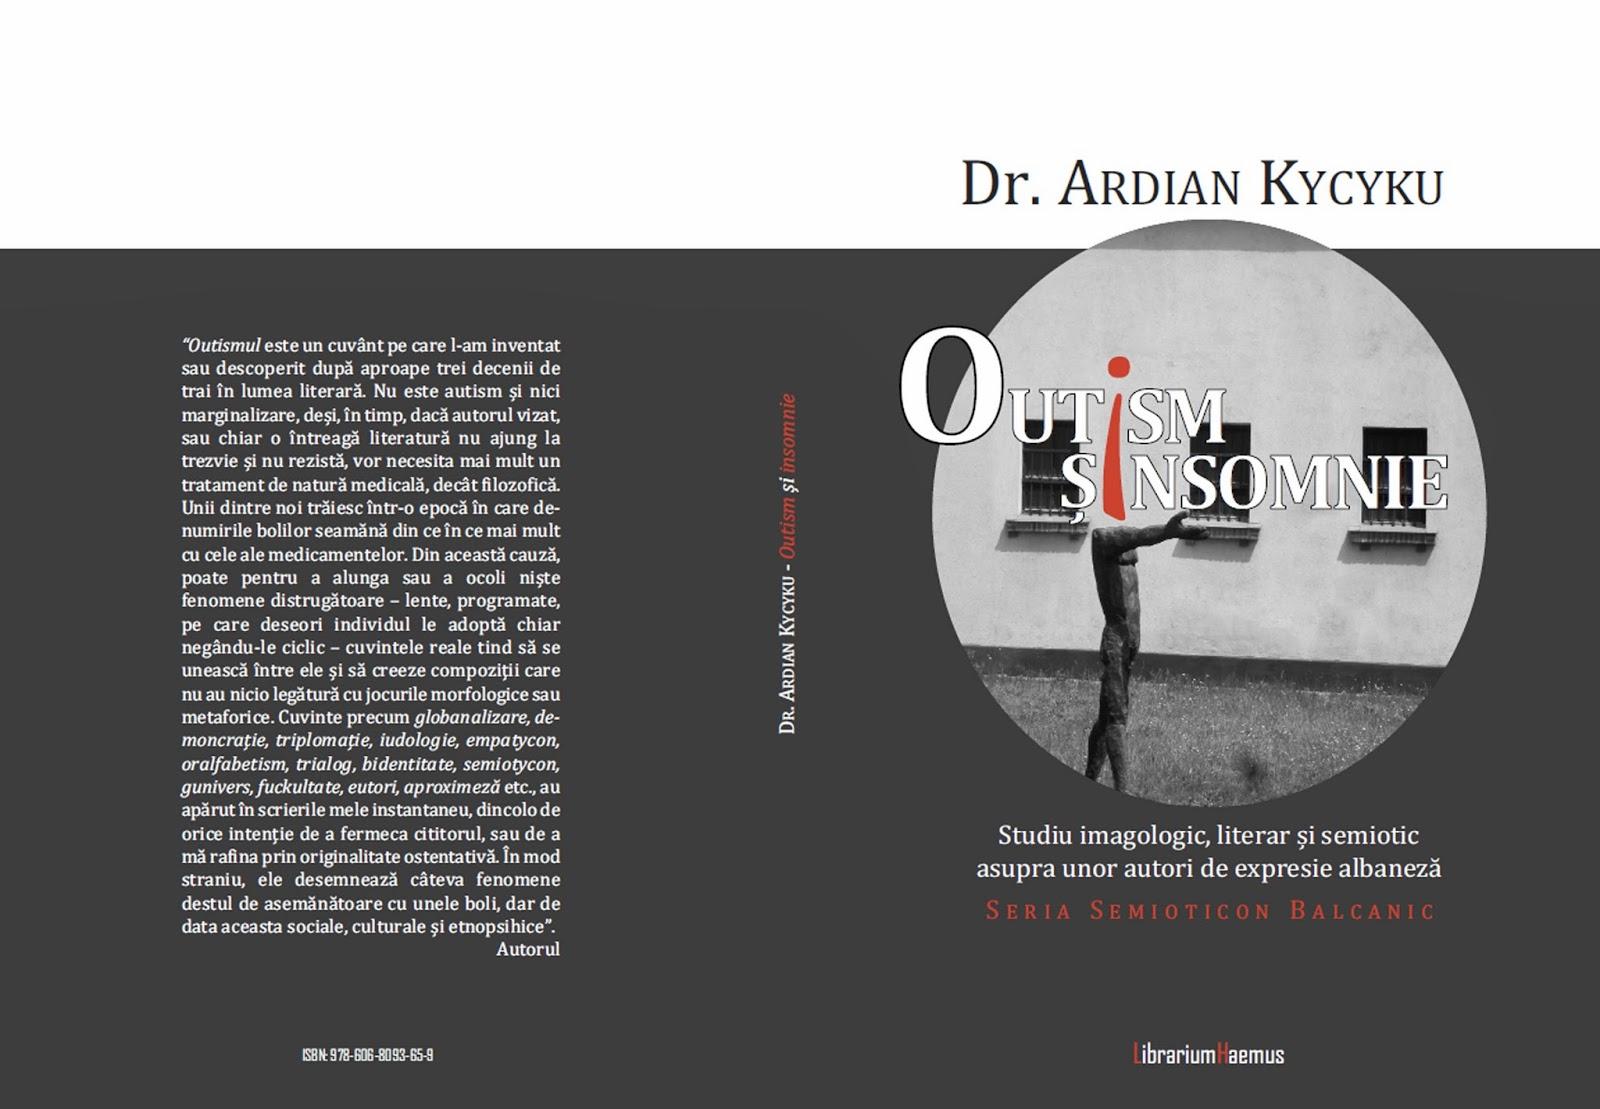 Ardian Kycyku - Outism si insomnie